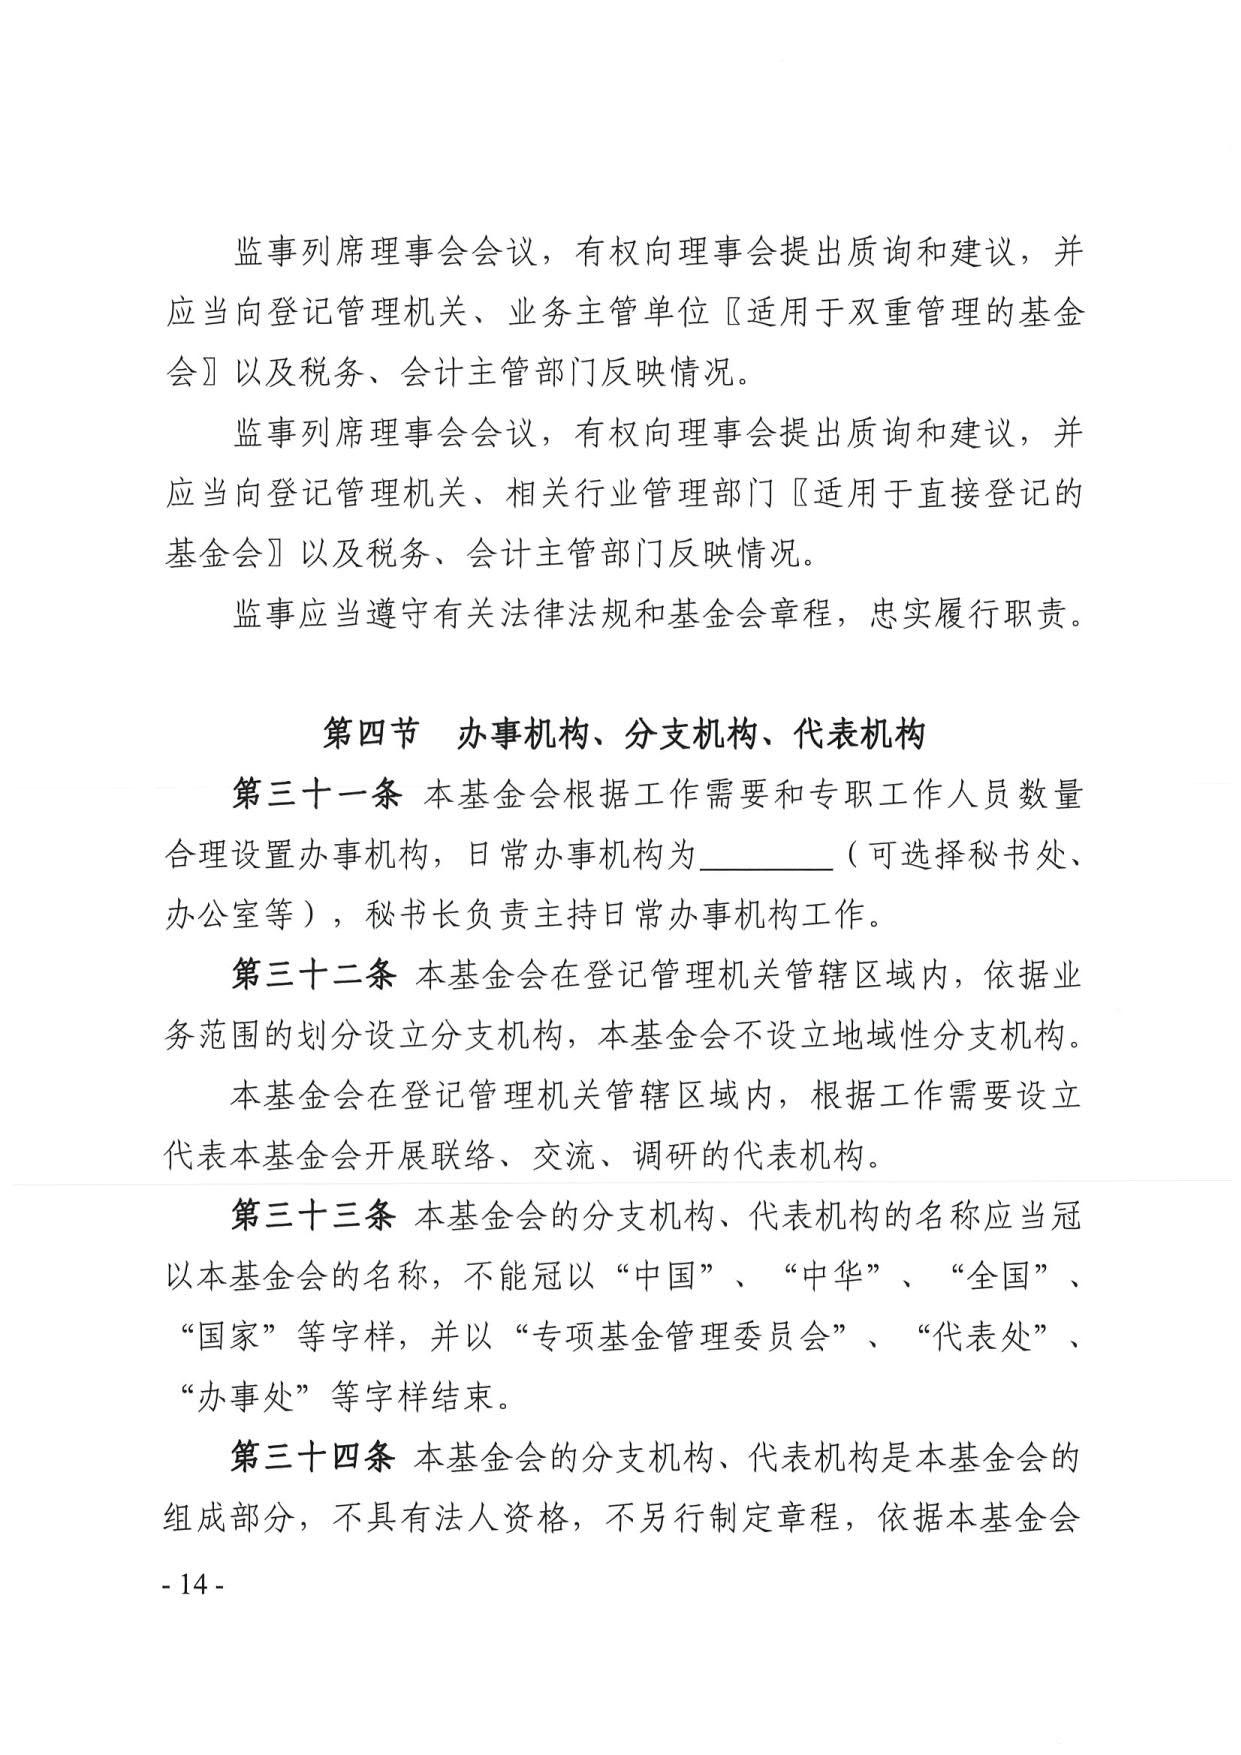 广东省民政厅关于印发《广东省基金会章程示范文本》的通知(4)_14.jpg